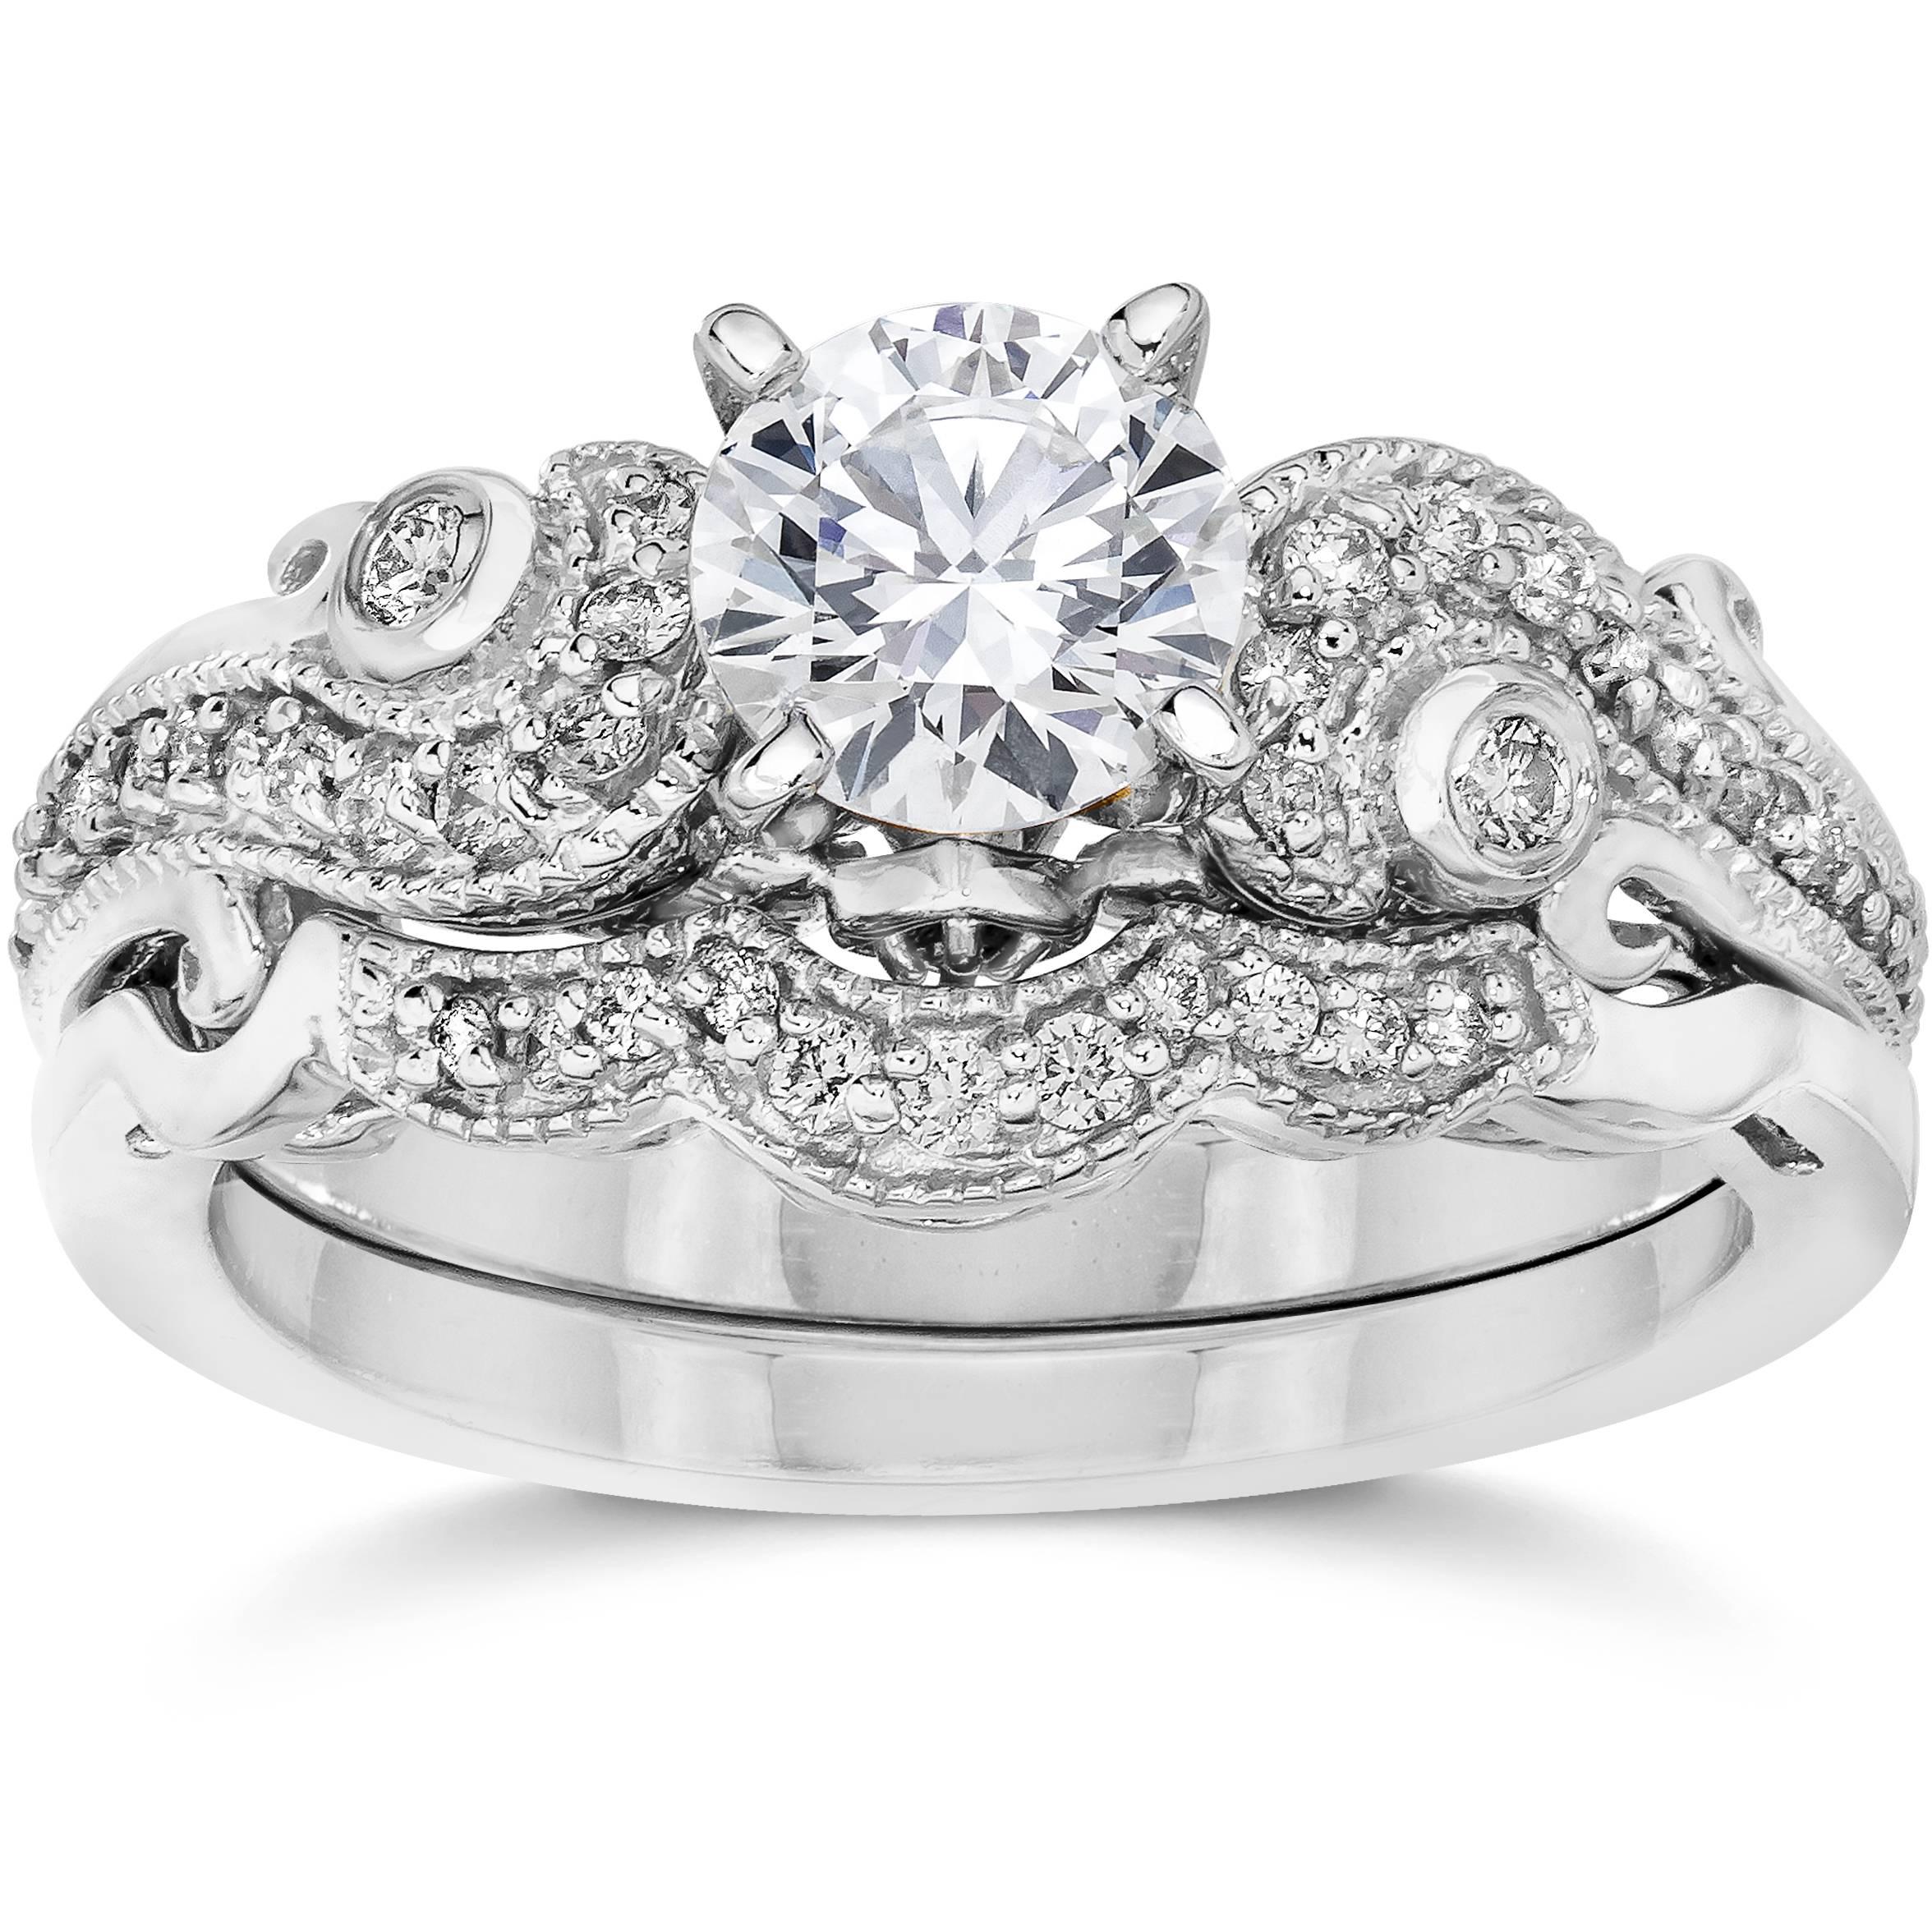 Vintage Wedding Ring Set 52